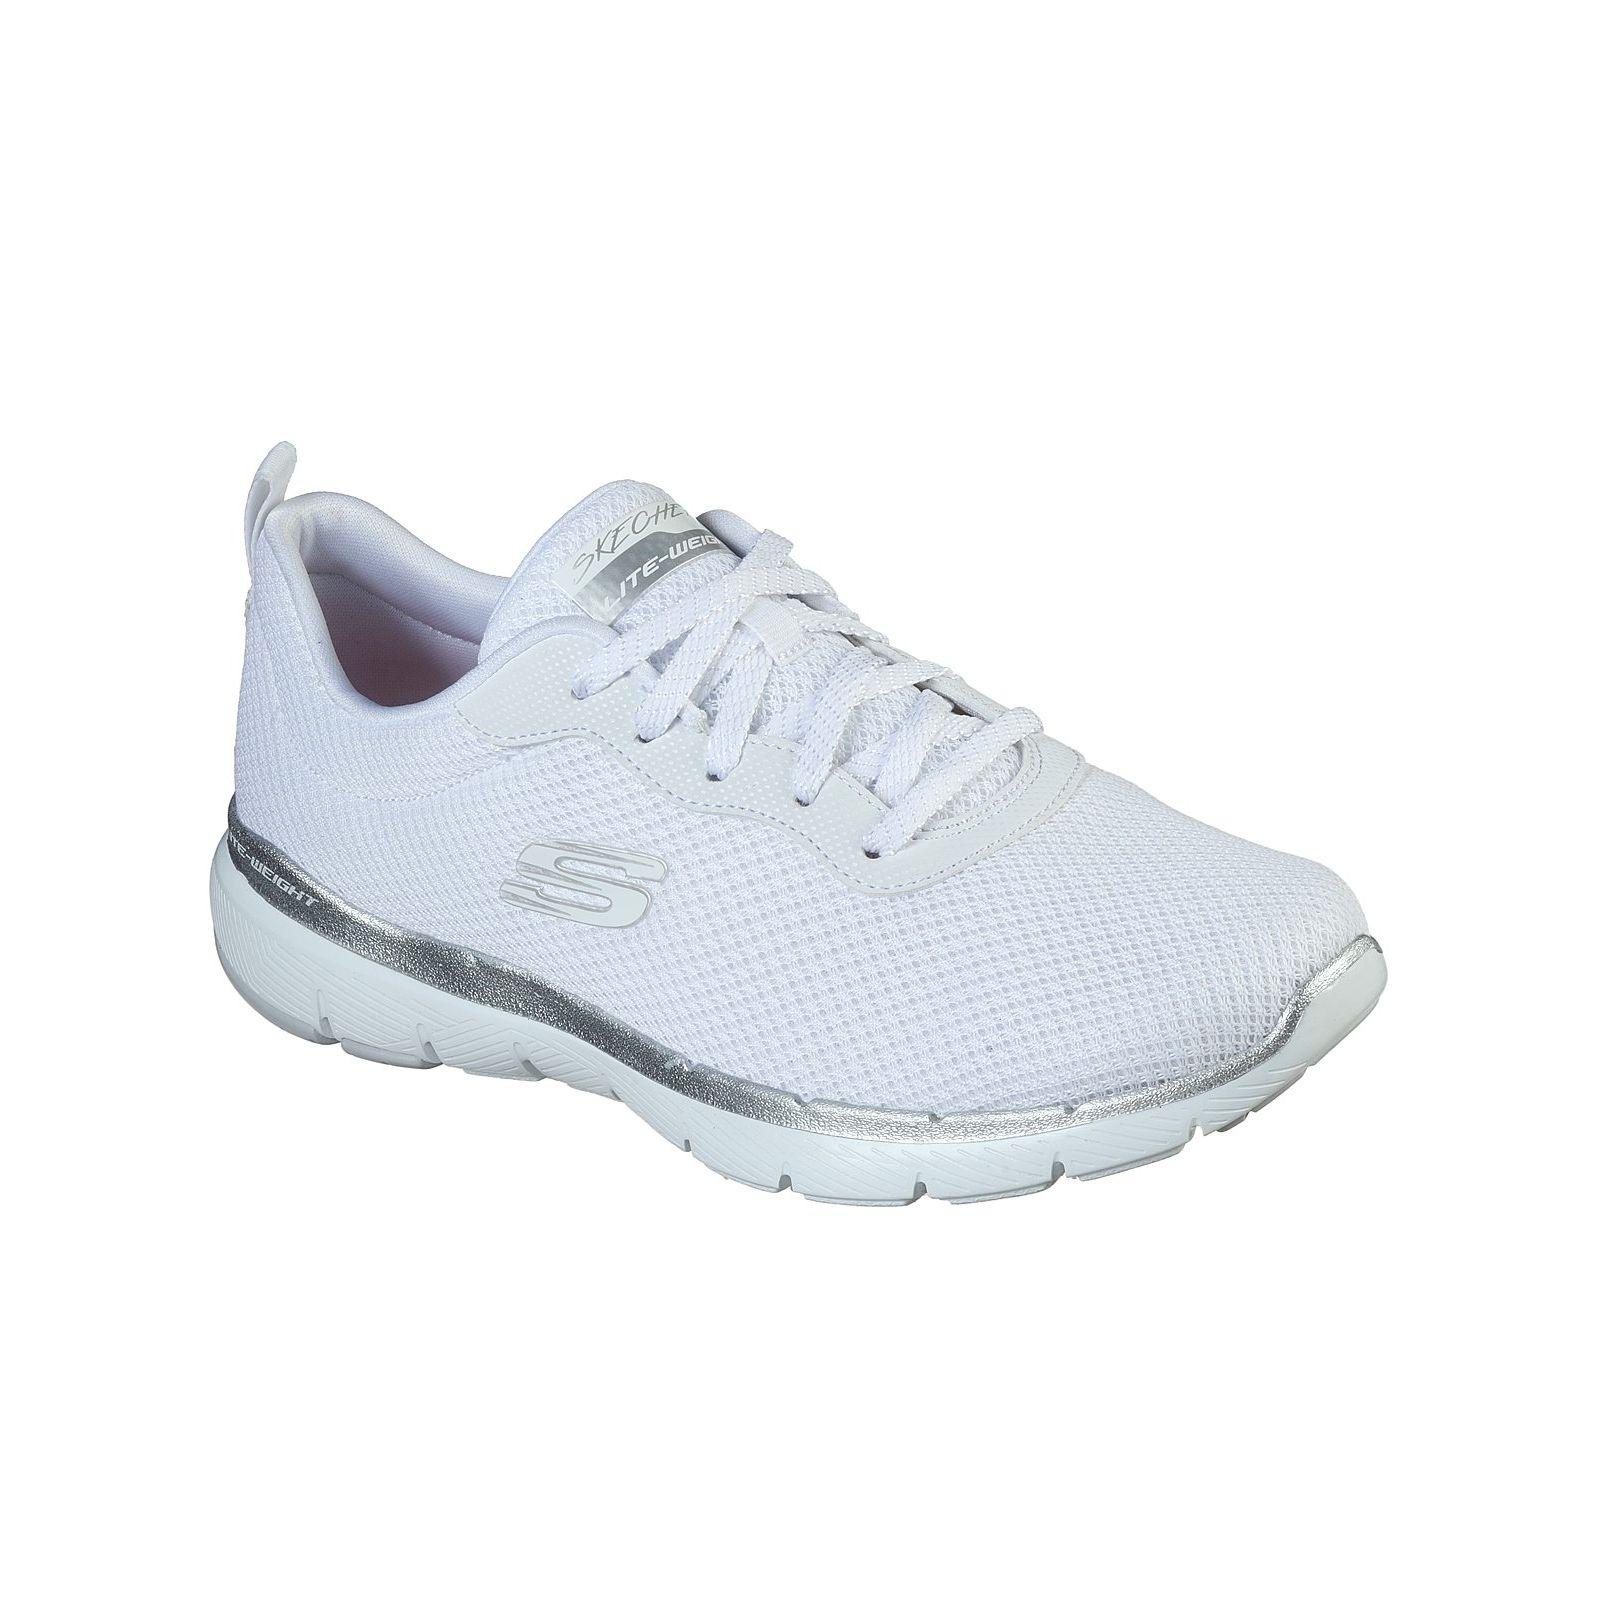 Baskets Femme Skechers Flex Appeal Blanches (13070) couleur blanche vue d'ensemble